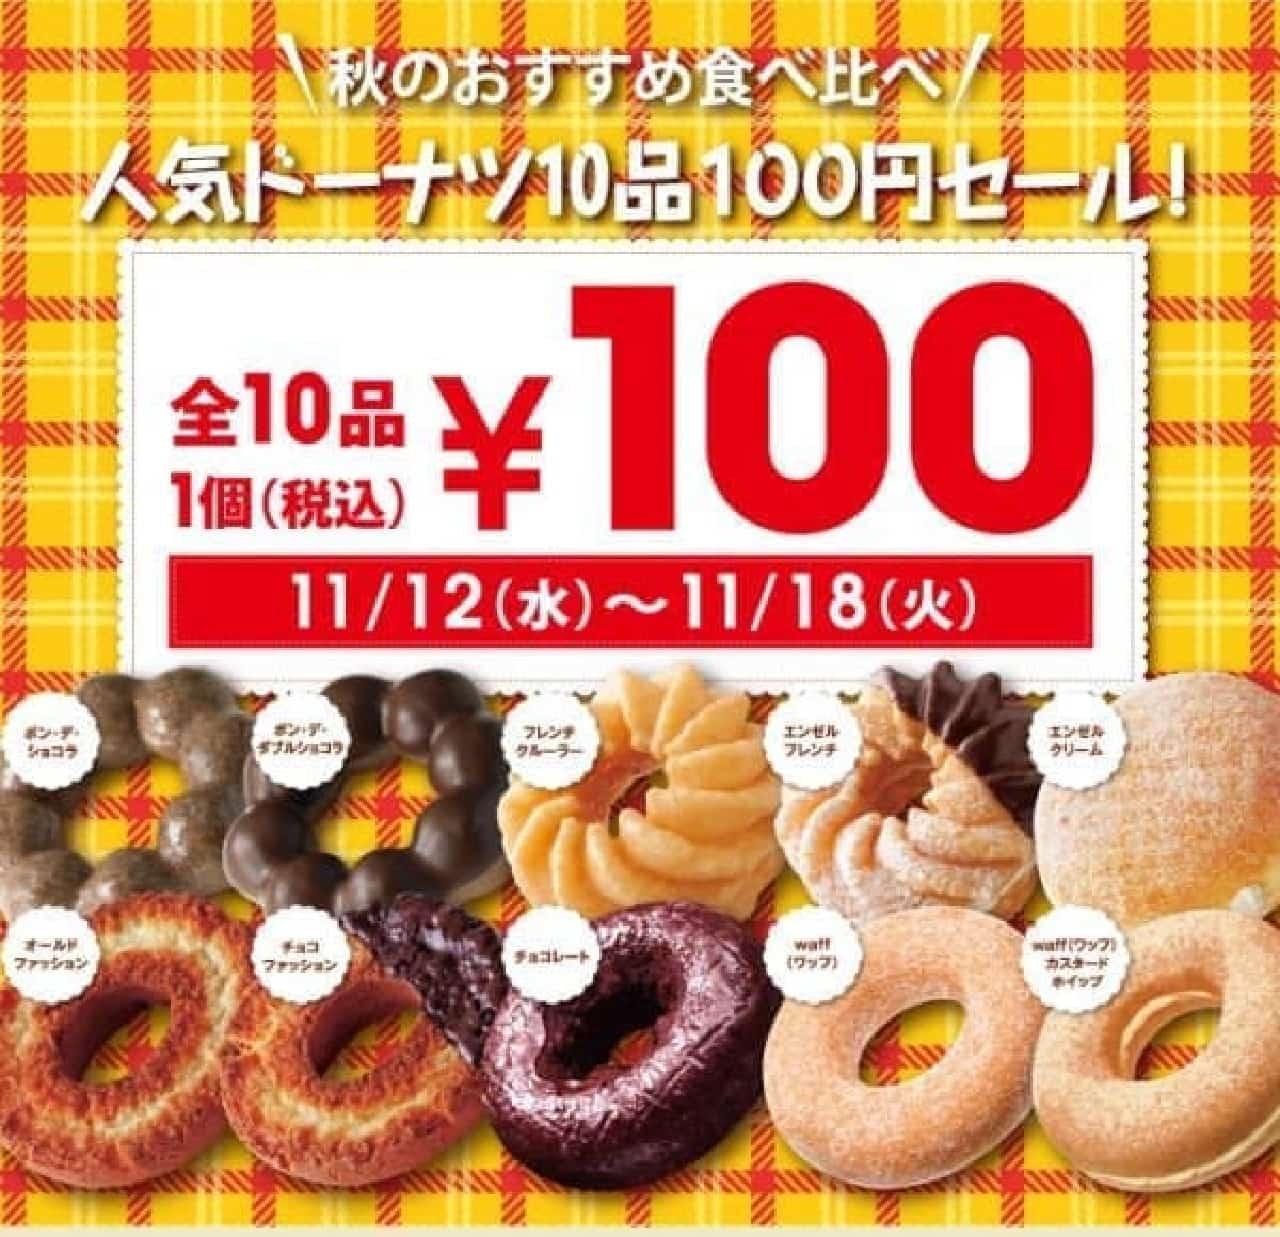 秋のおすすめドーナツを食べ比べ!  (出典:ミスタードーナツ公式サイト)